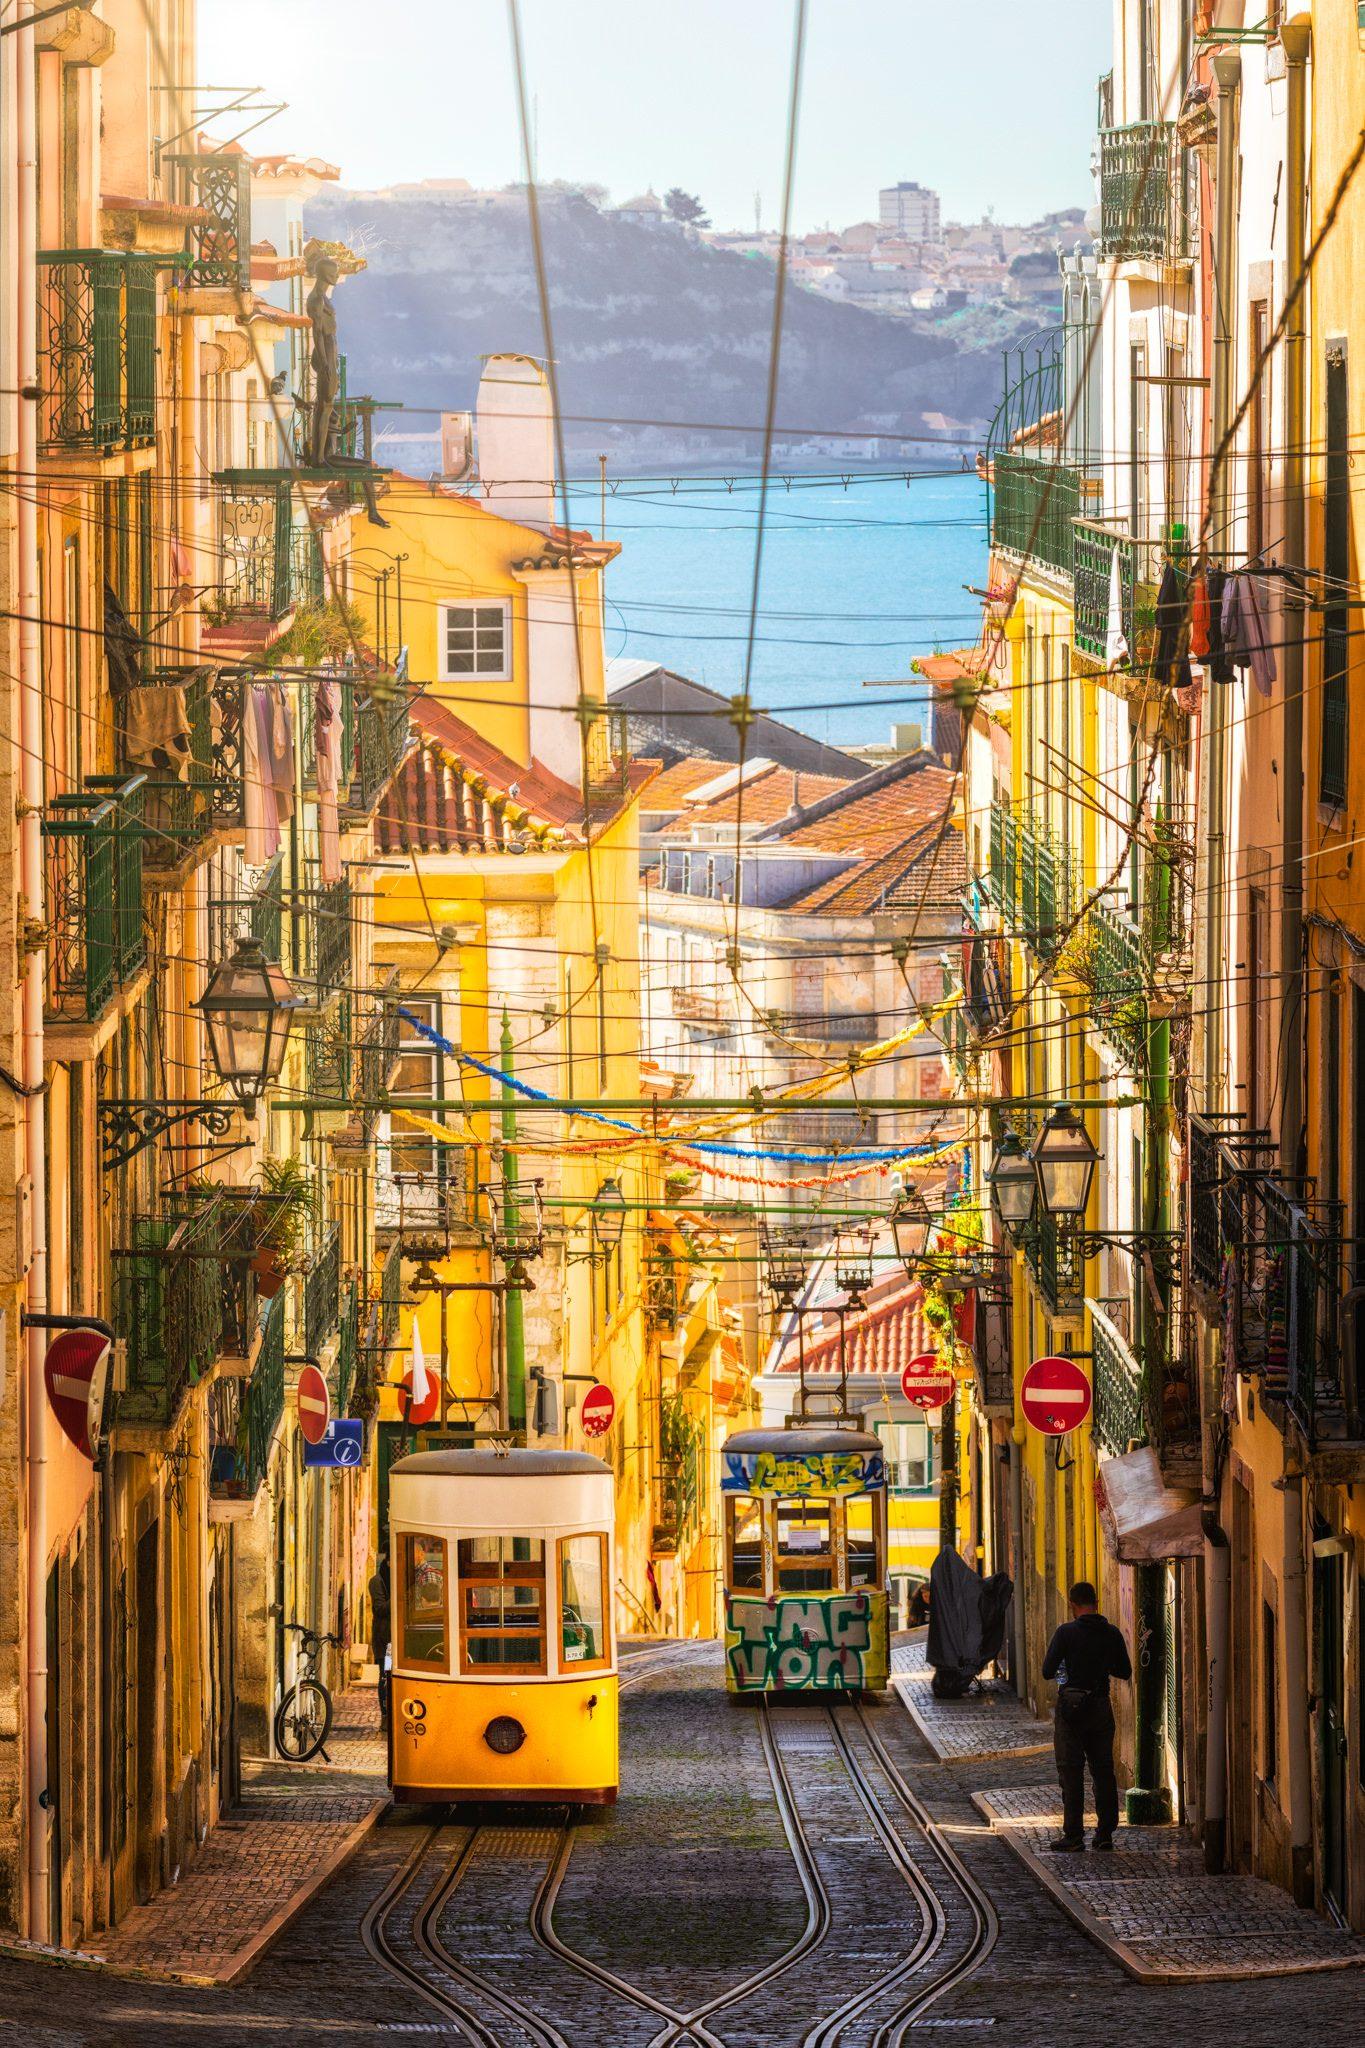 Die Bica-Standseilbahn in Lissabon an einem sonnigen Tag, Portugal.